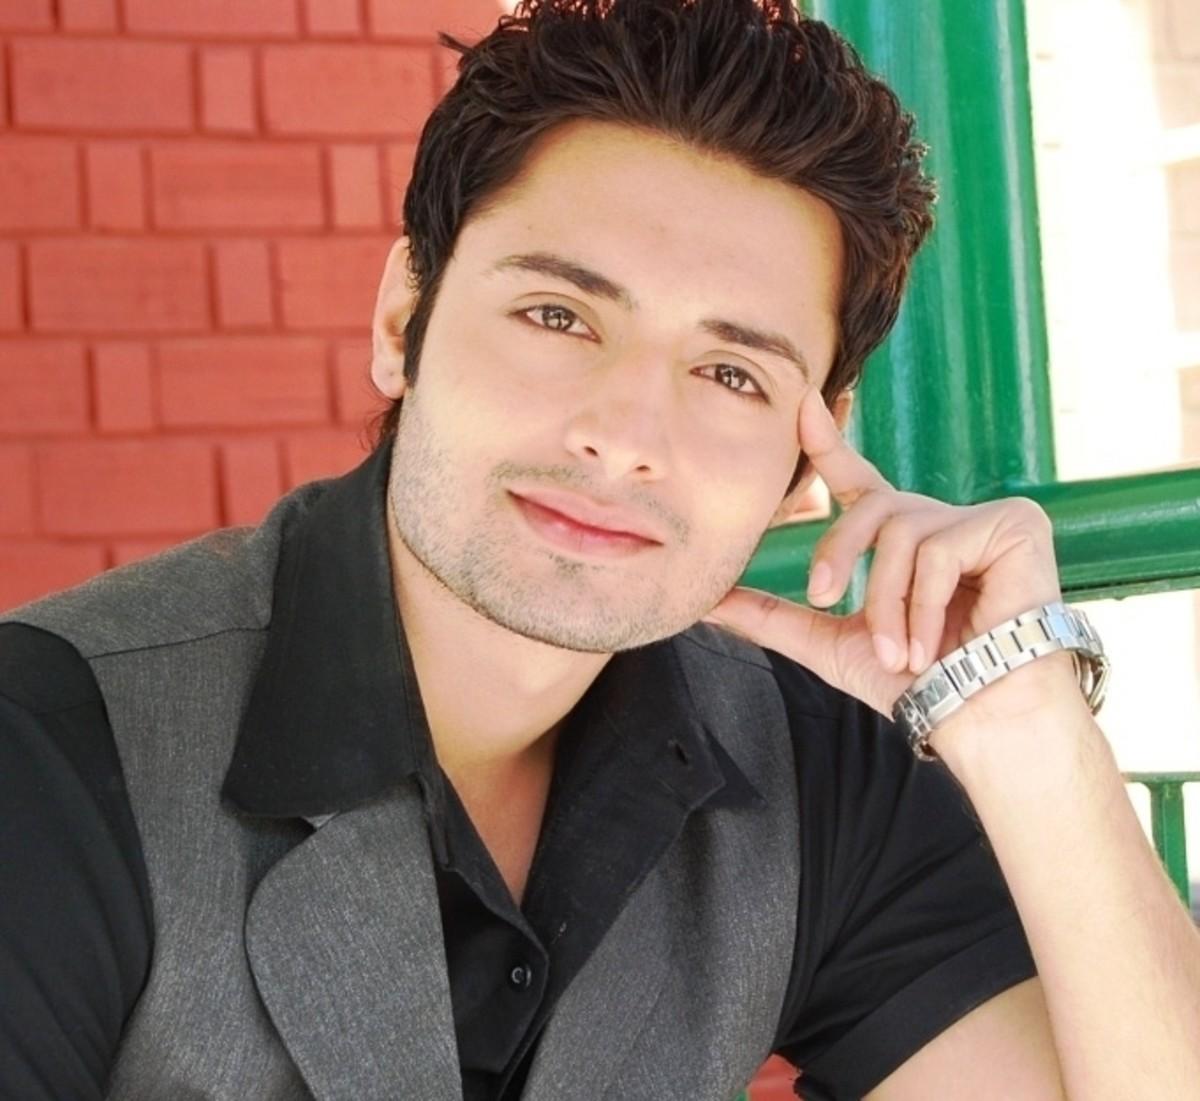 Abhishek Tewari as Siddharth Sood